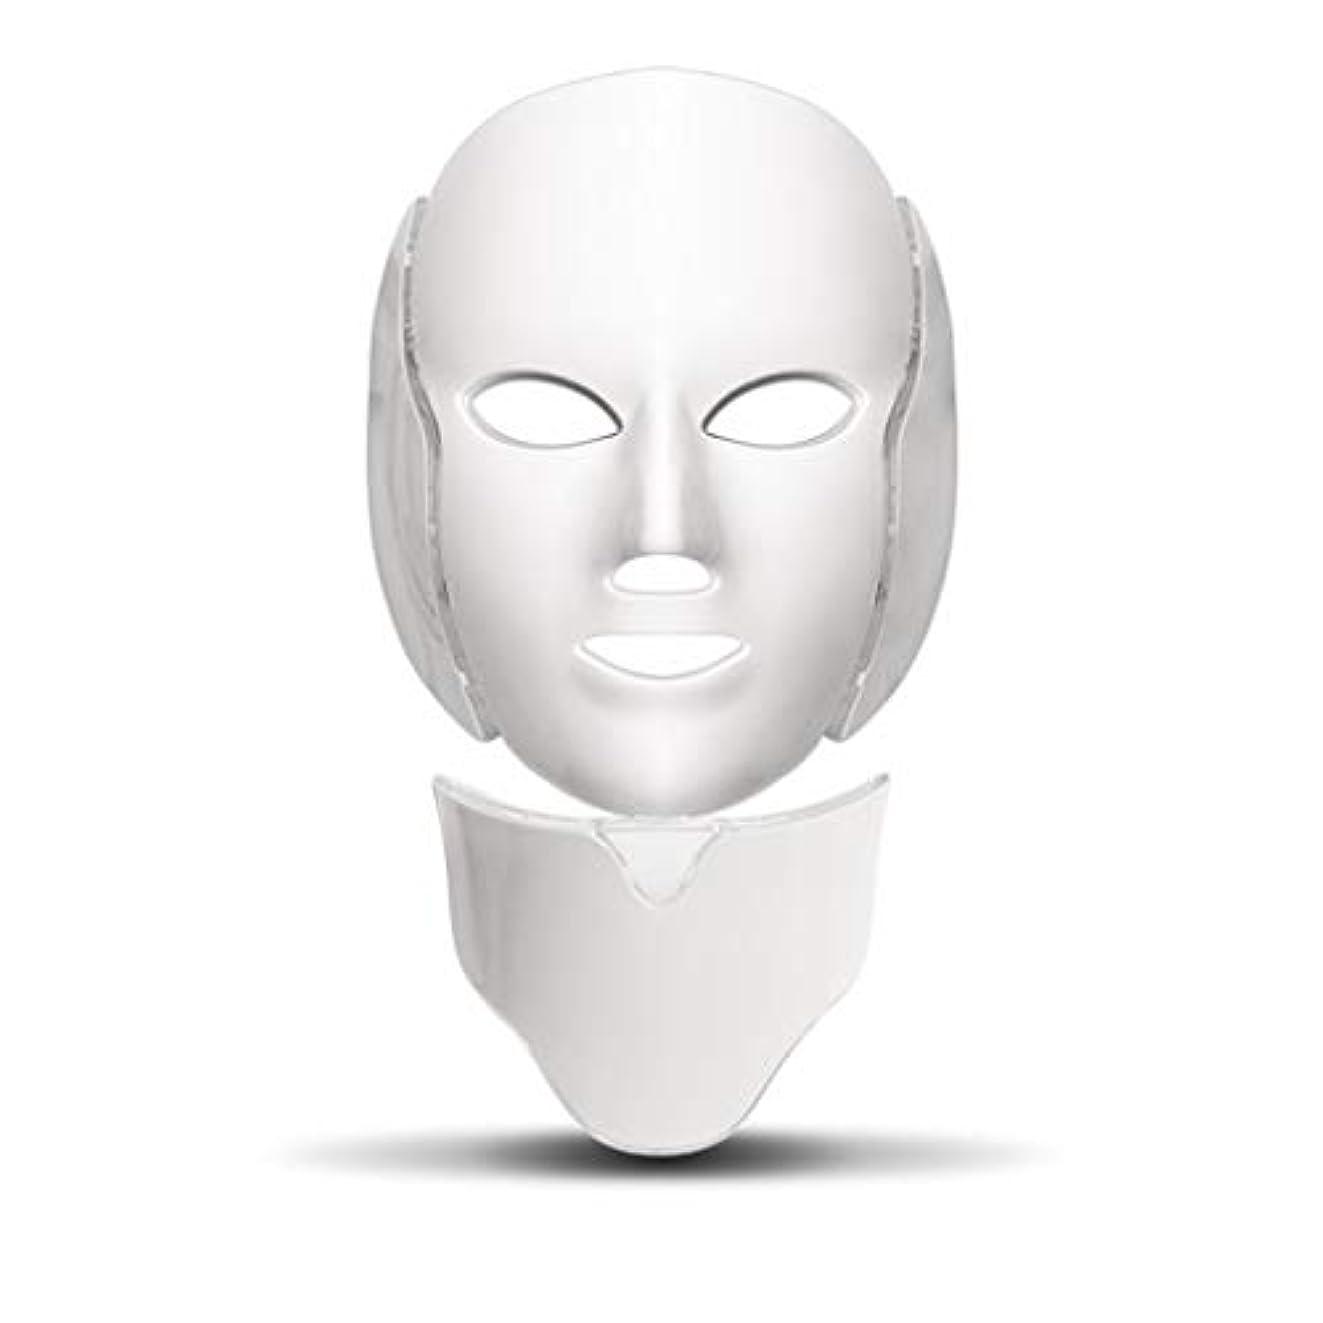 疎外するサイレントアサーライトセラピー?マスク、LEDライトセラピーは、ネックスキンケアフェイシャルマスクセラピー7色のアンチエイジング光治療にきびマスクフェーススキンビューティトーニング、しわ、アクネホワイトニングマスク (Color : White)